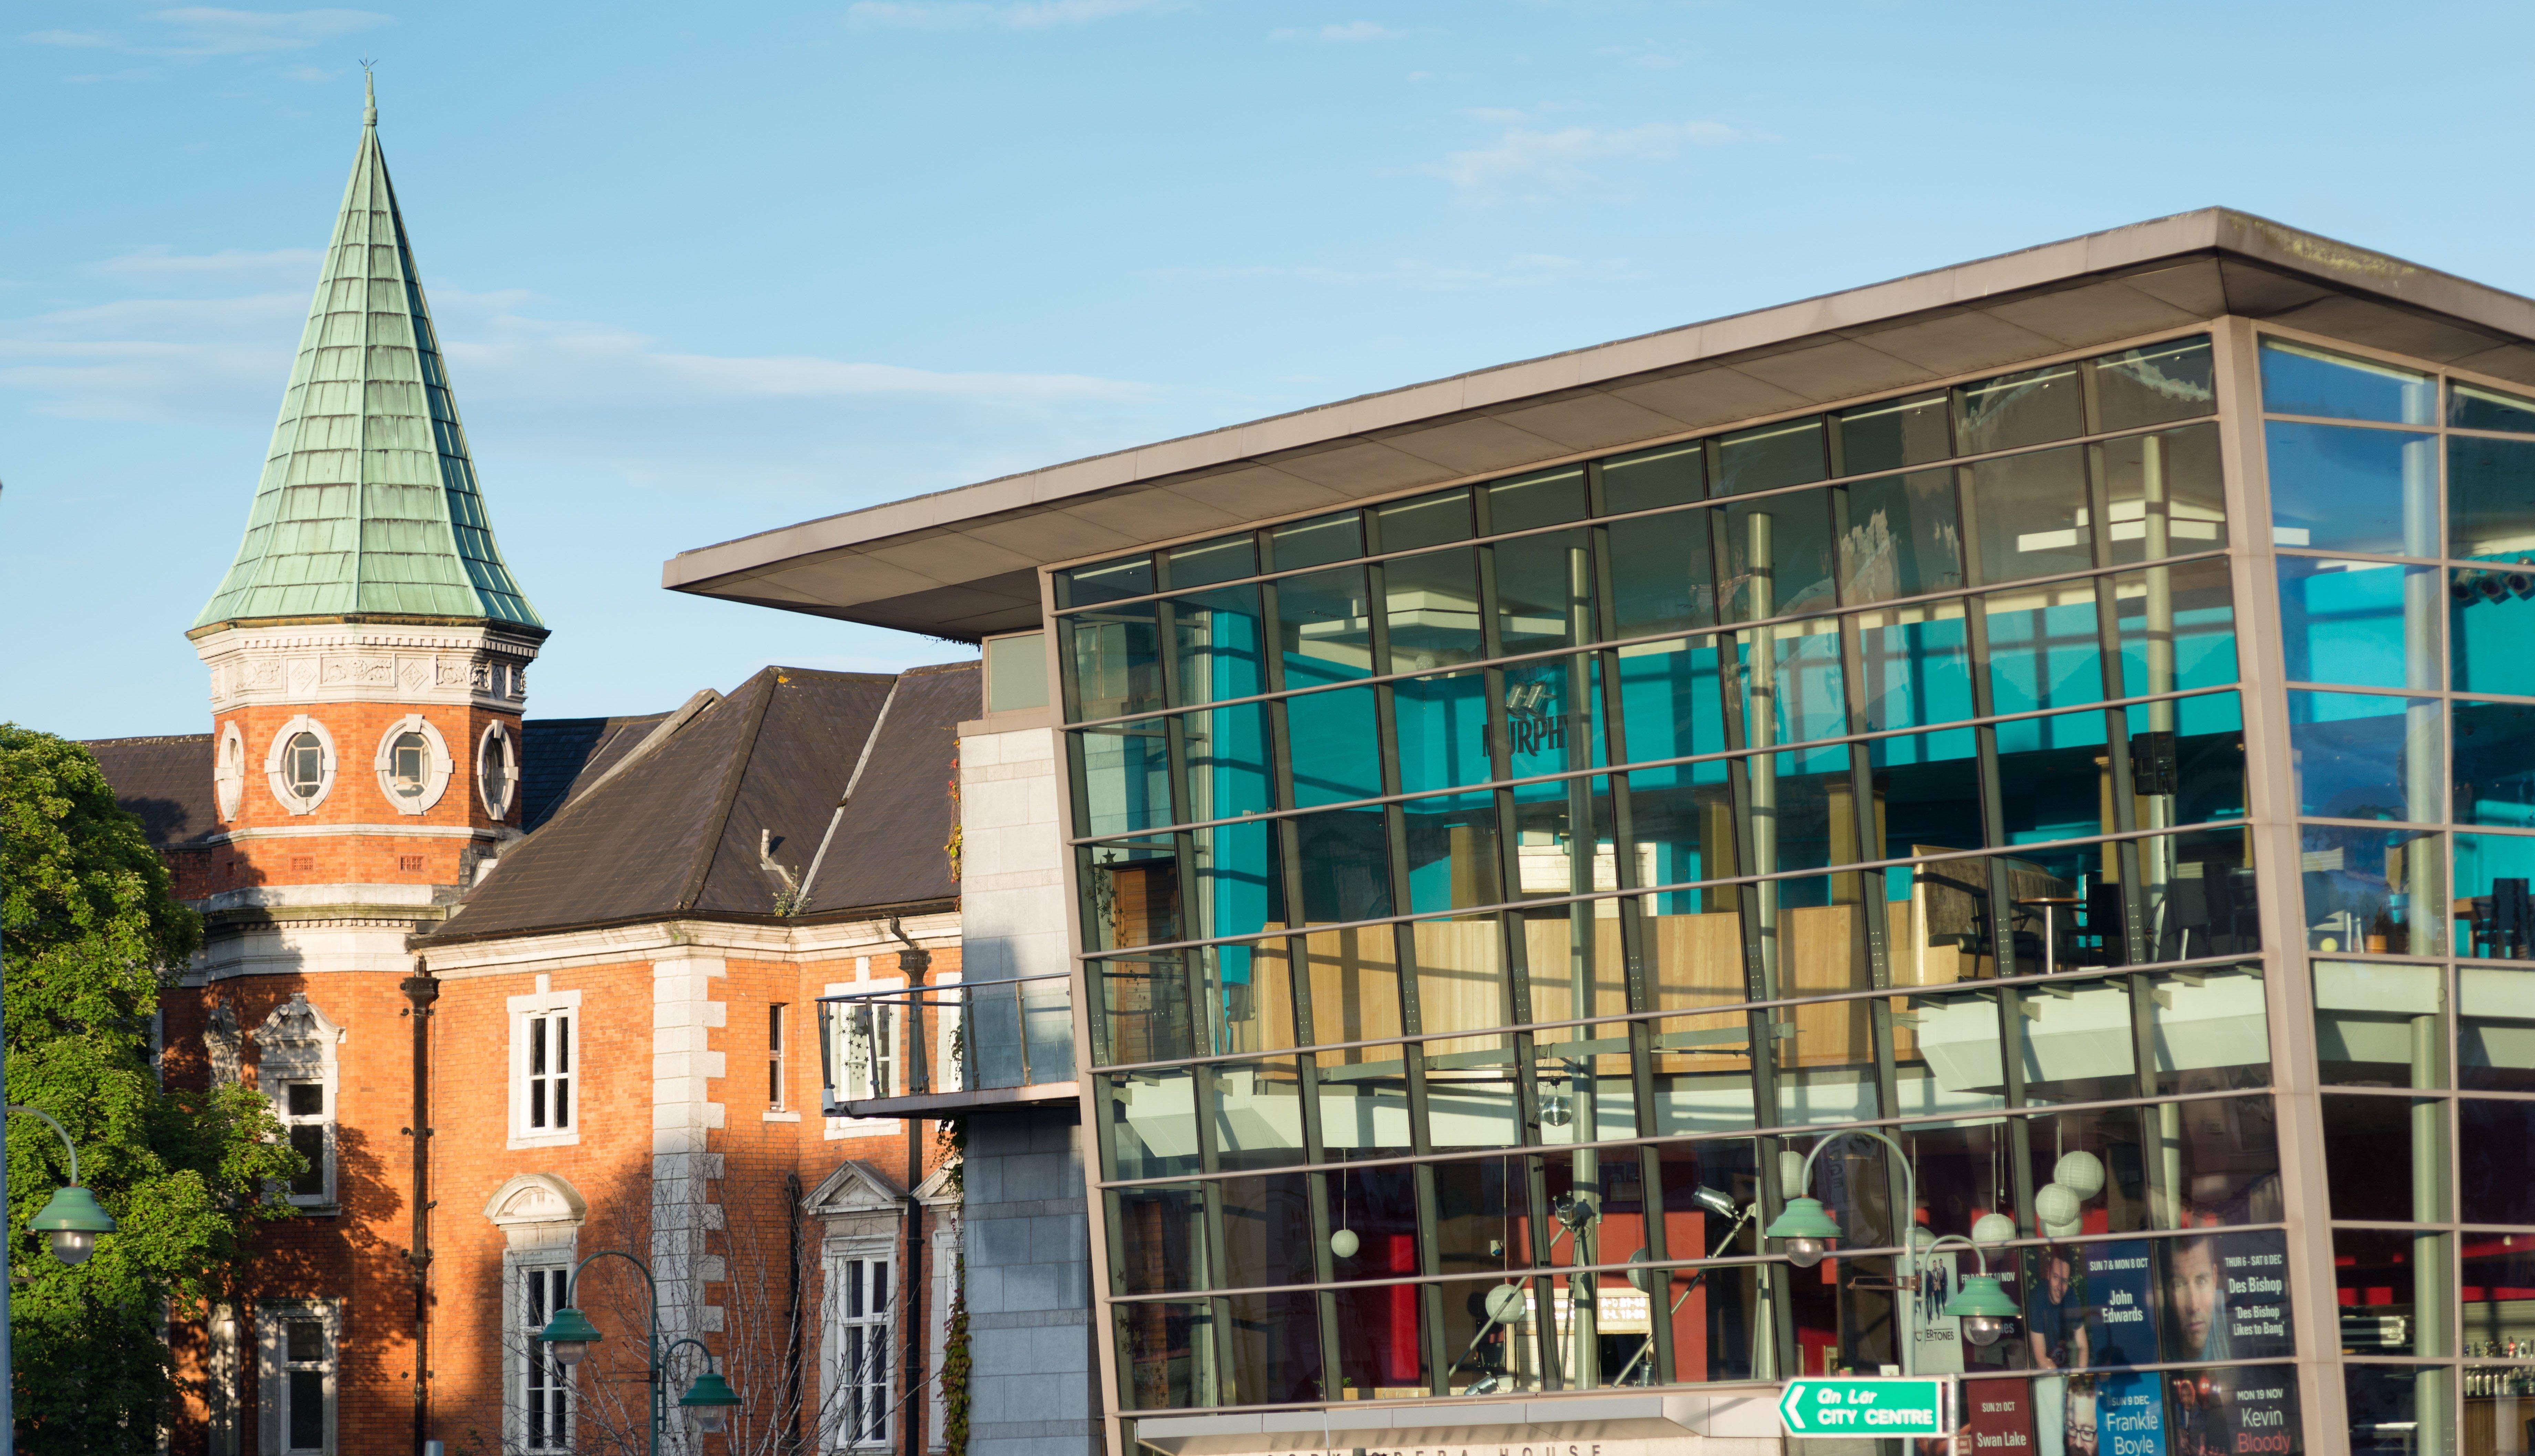 Casa de la Ópera de Corky galería de arte Crawford en Cork City, Irlanda.